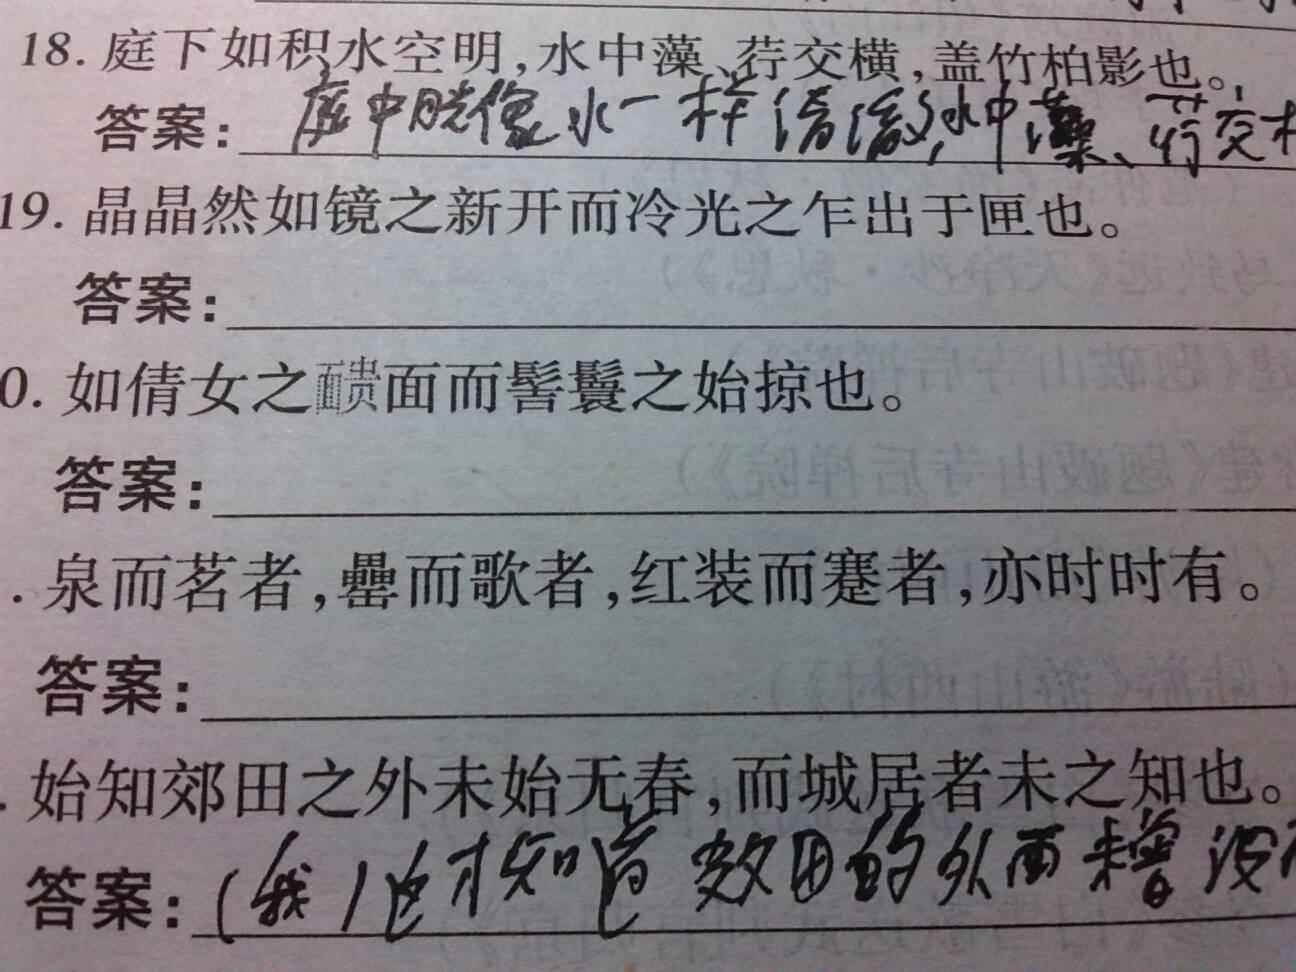 翻译高中技巧文言文做好?有高中?漯河语文初中图片